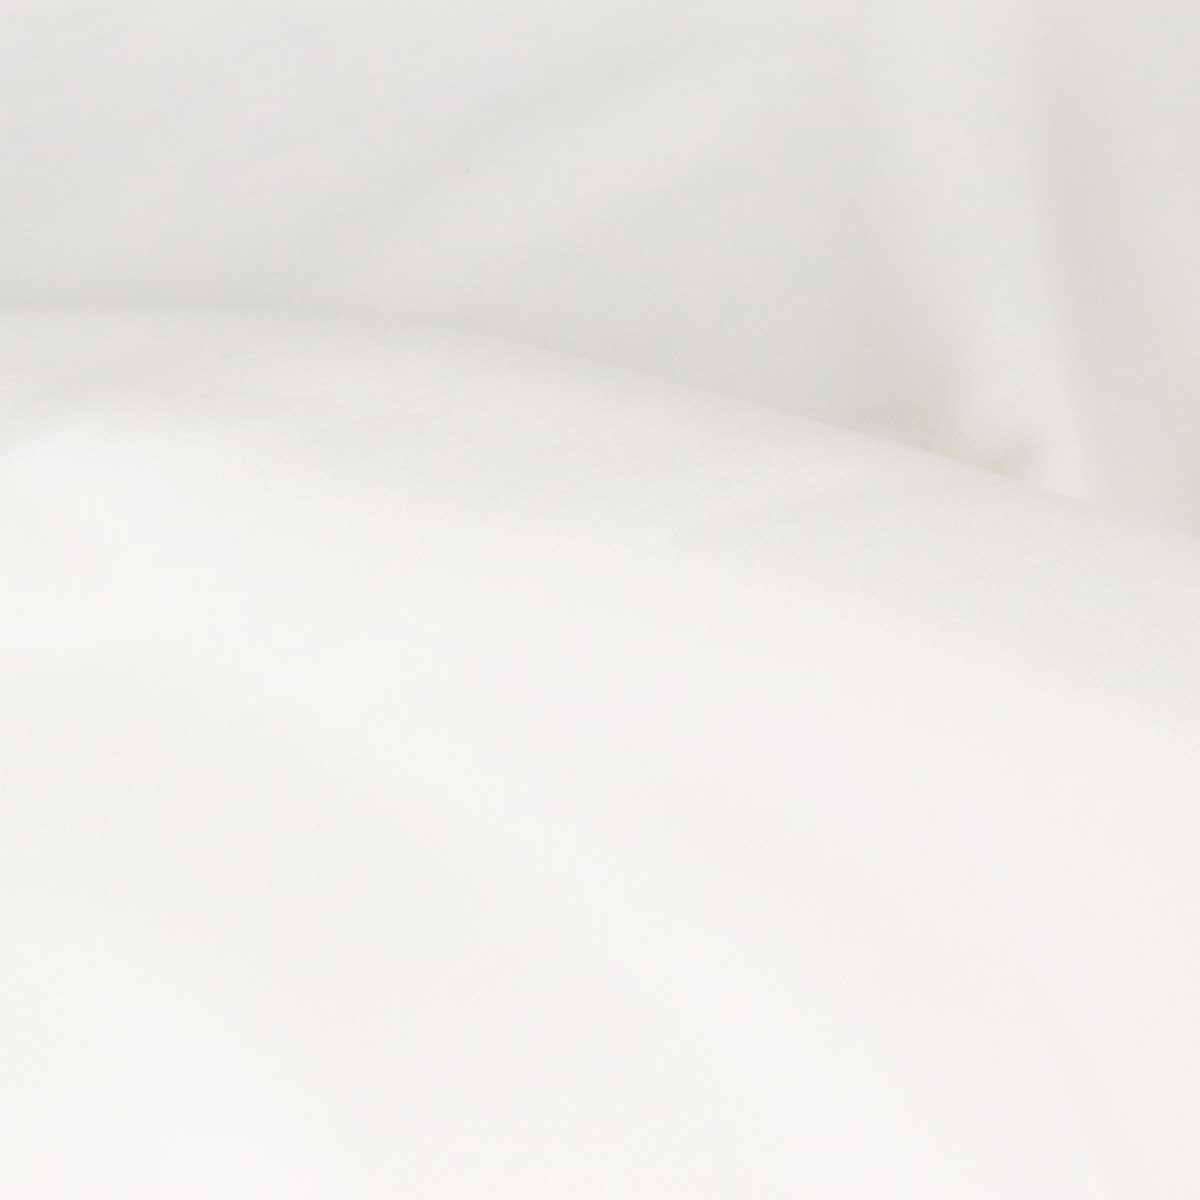 2020-21年秋冬新作 国内正規品 upper hights アッパーハイツ レディース ビッグシルエットスウェット COLLEGE カレッジ PRINCETON 203CG06-WHT (ホワイト)